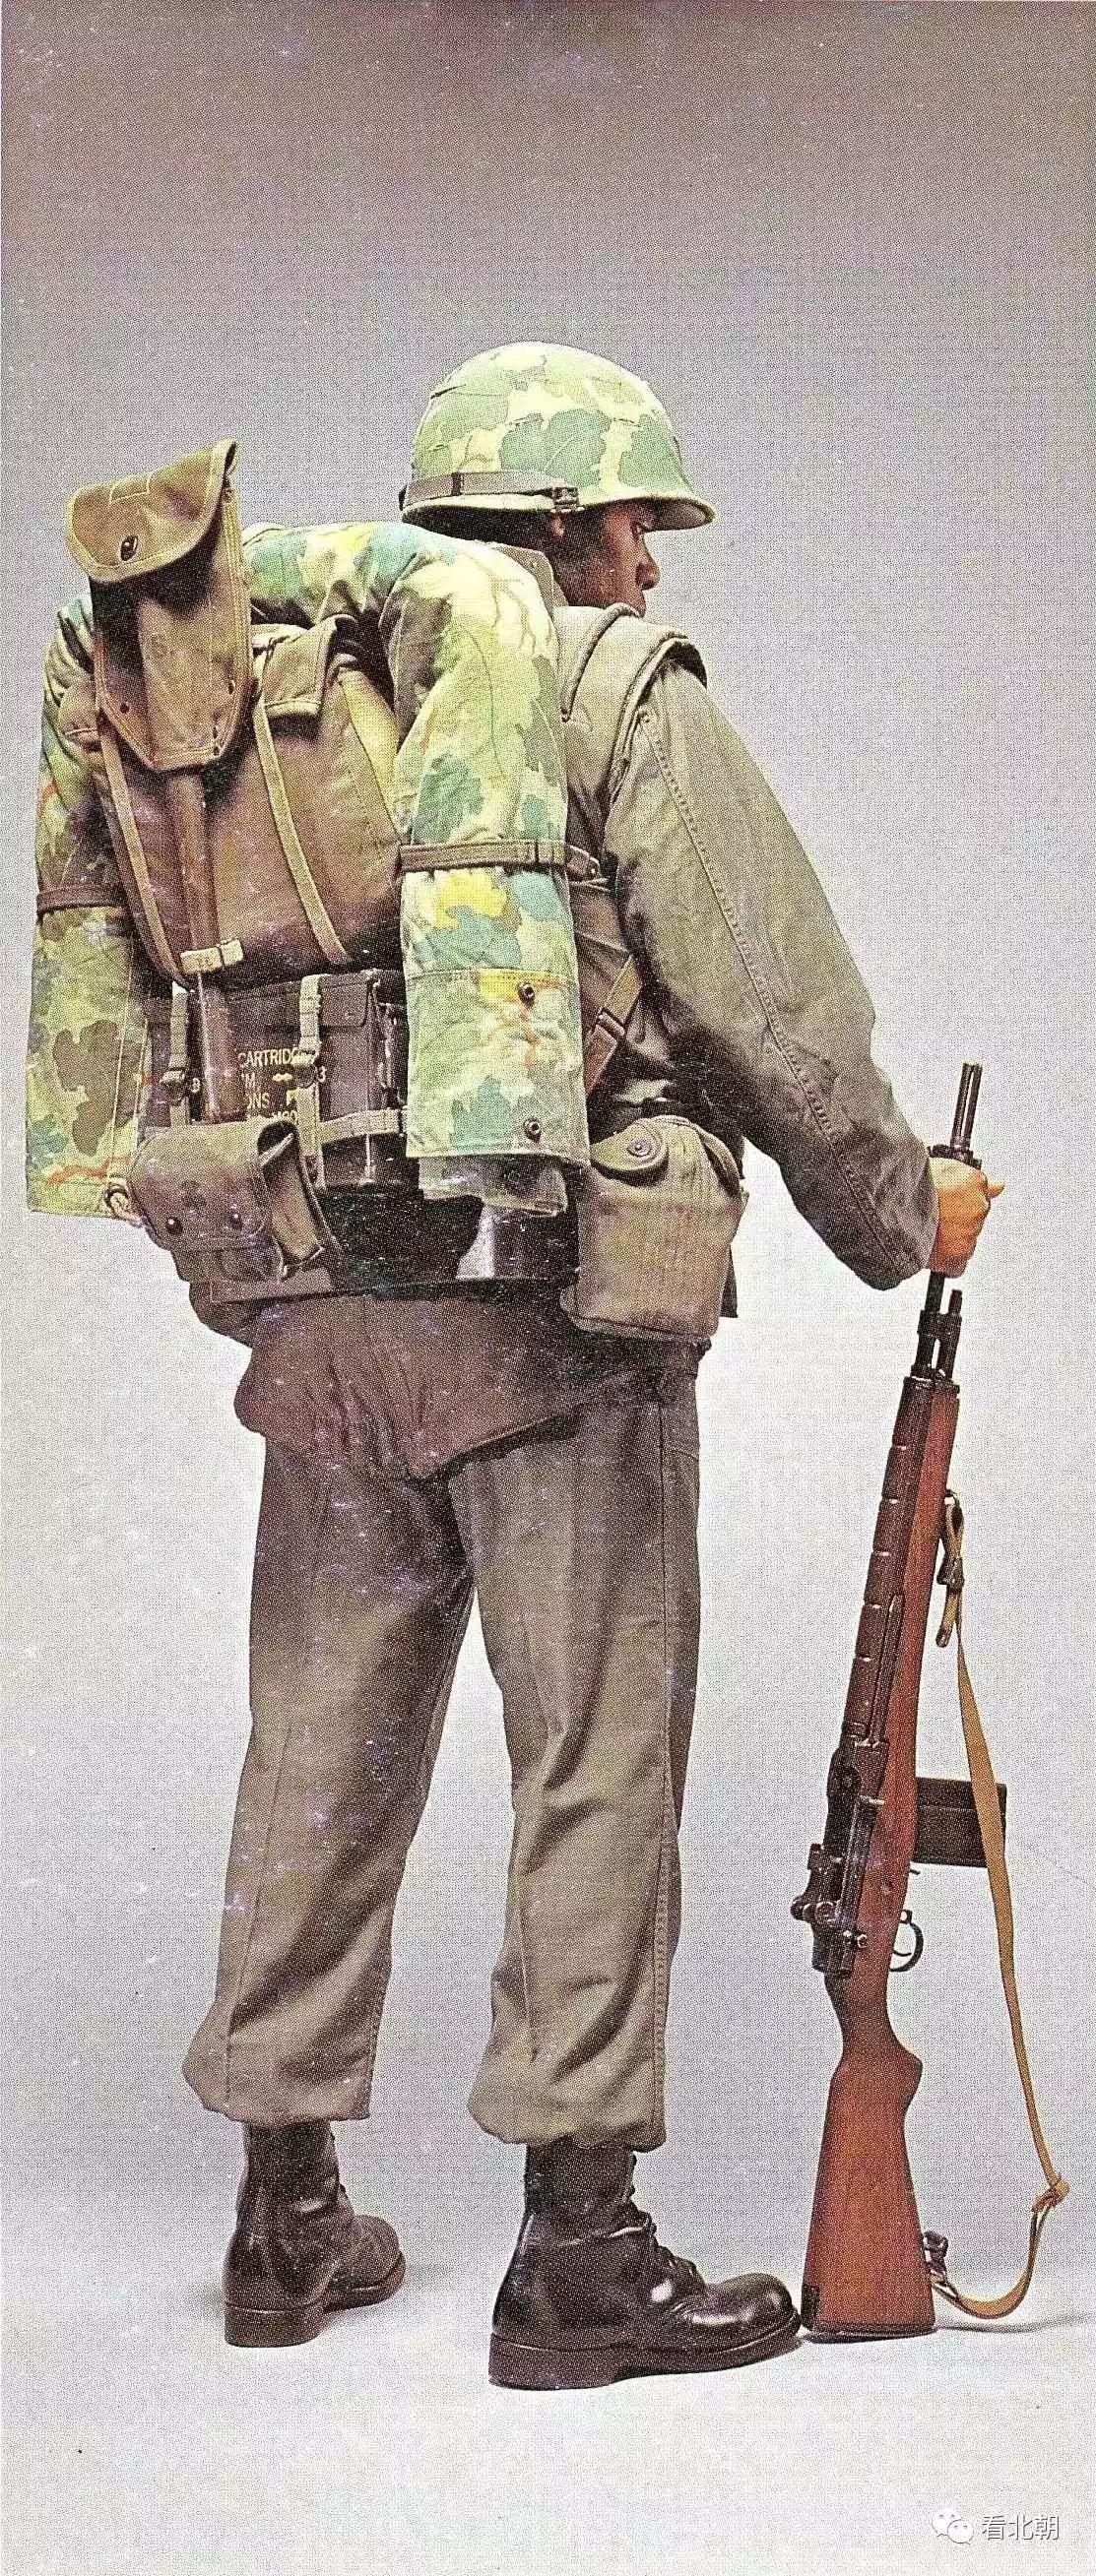 特种部队还用老式M2卡宾枪 越南战争早期美军军服与装备鉴赏